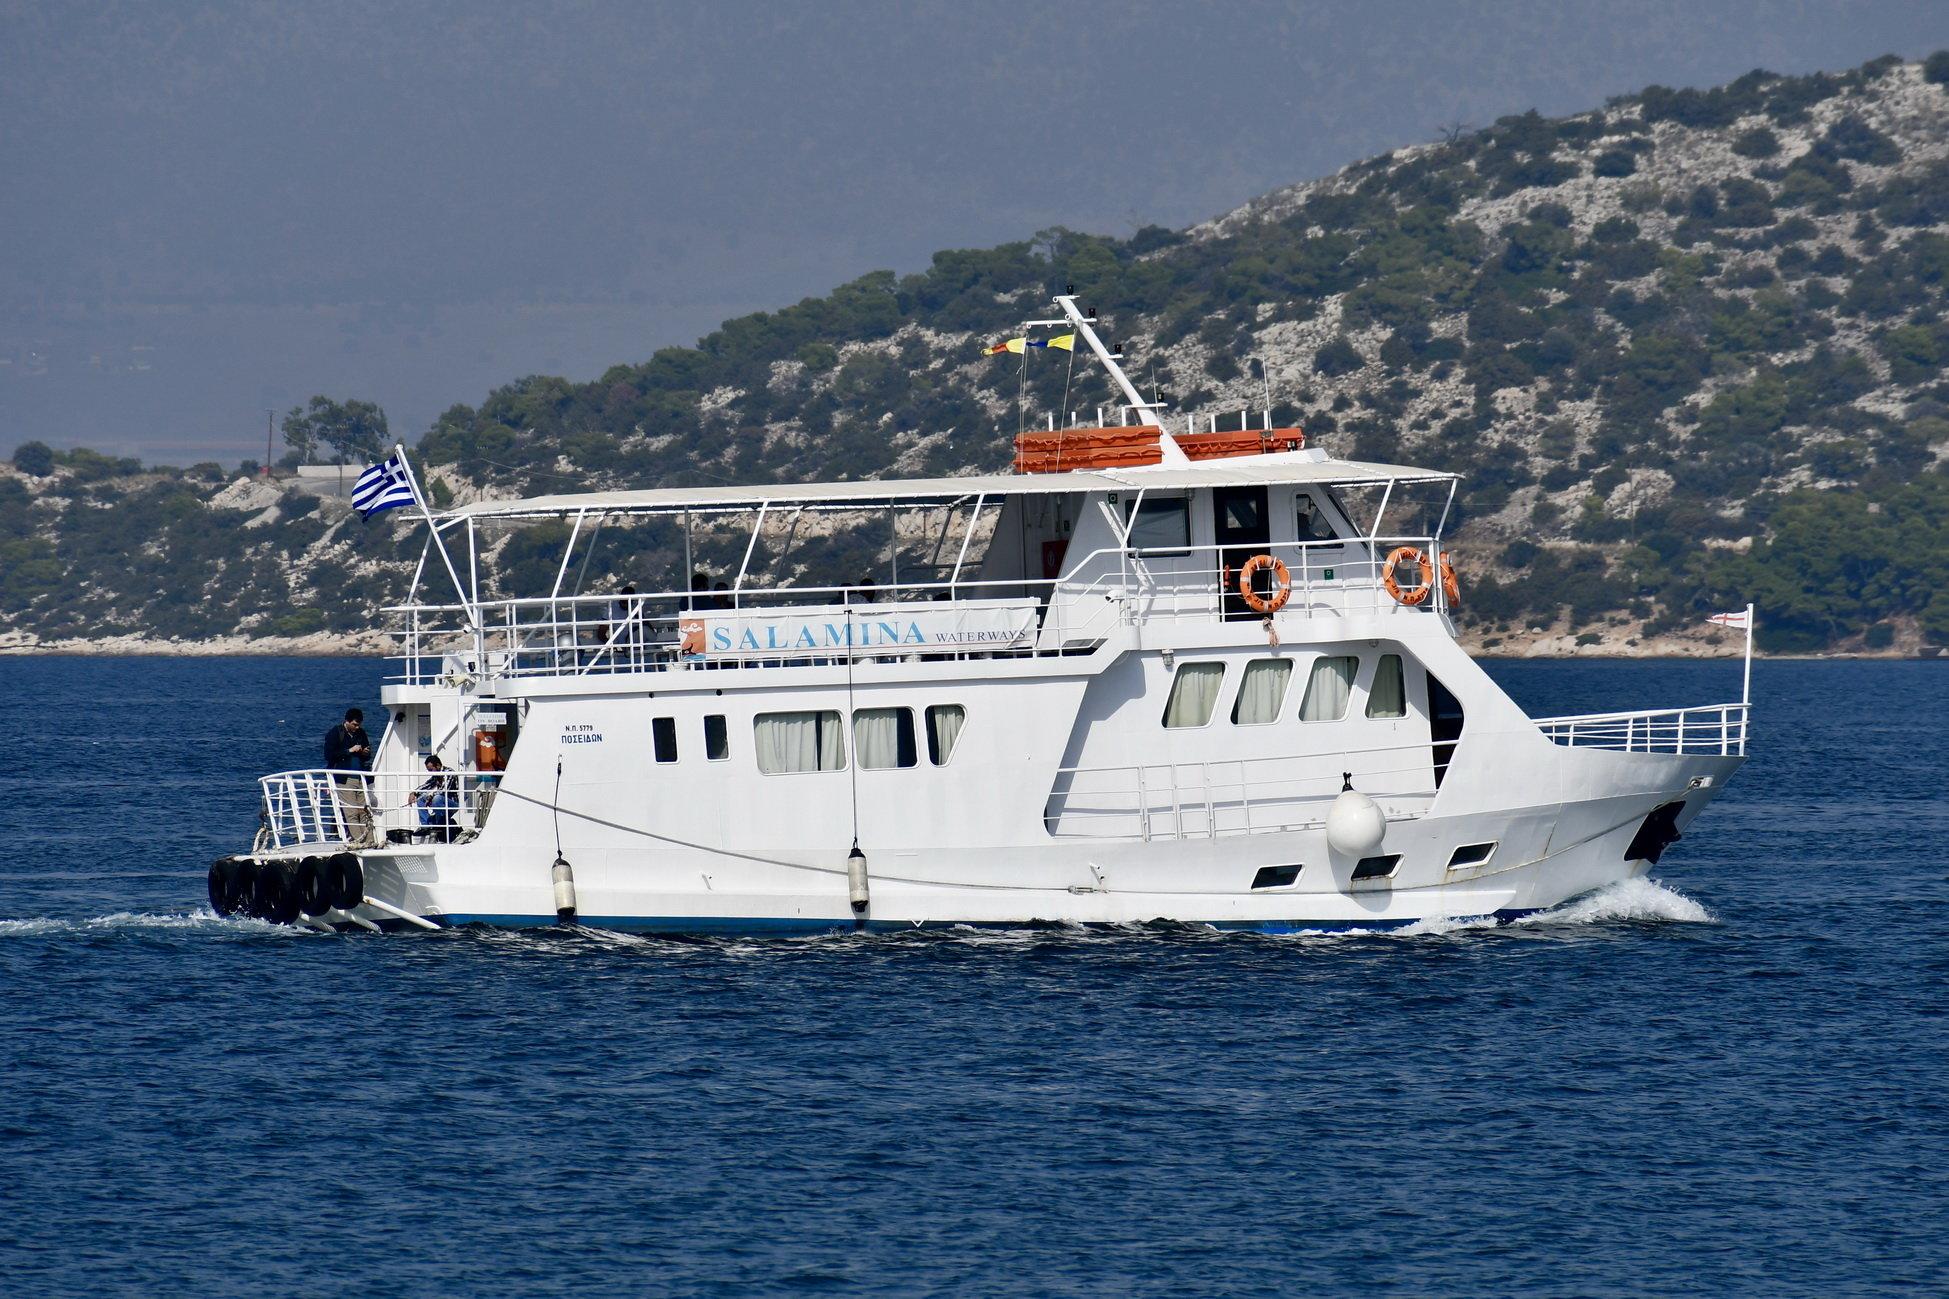 Poseidon_20-10-18_Salamina Strait